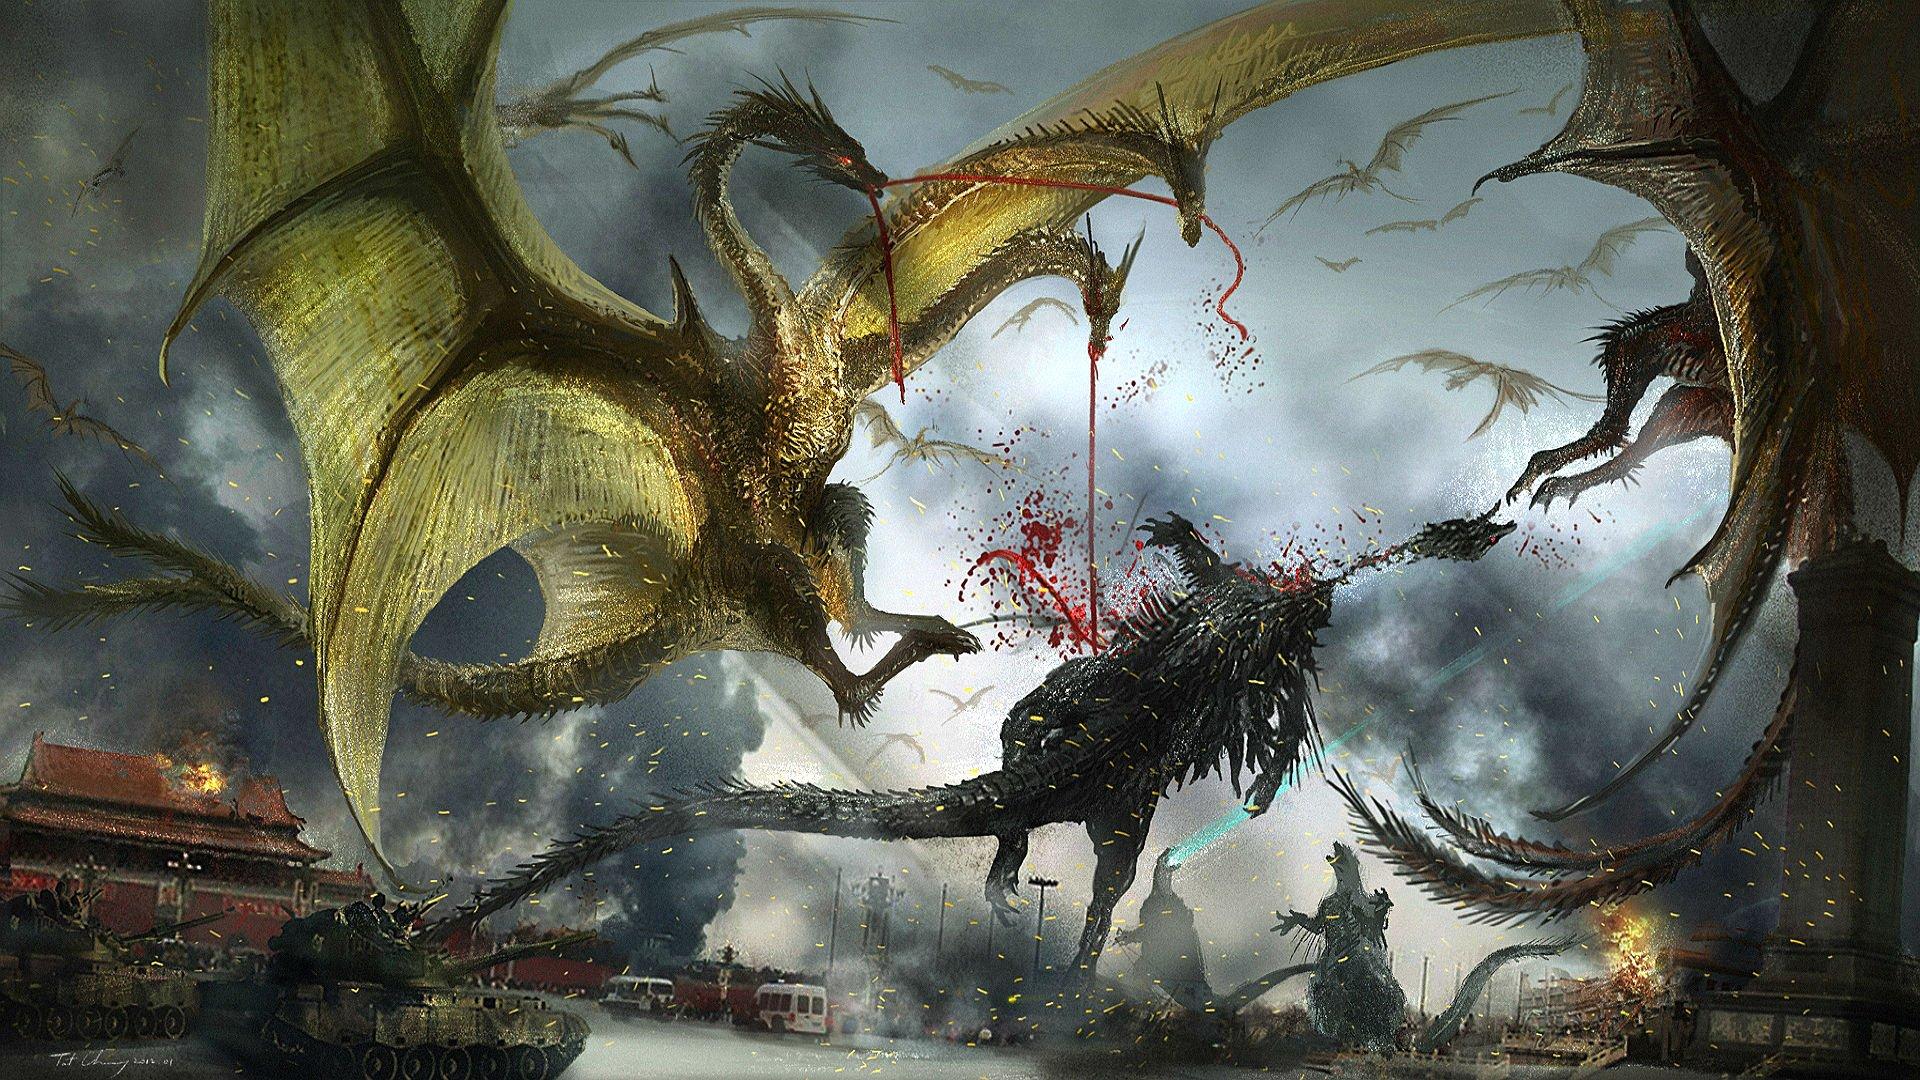 wallpaper godzilla monster dinosaur - photo #31